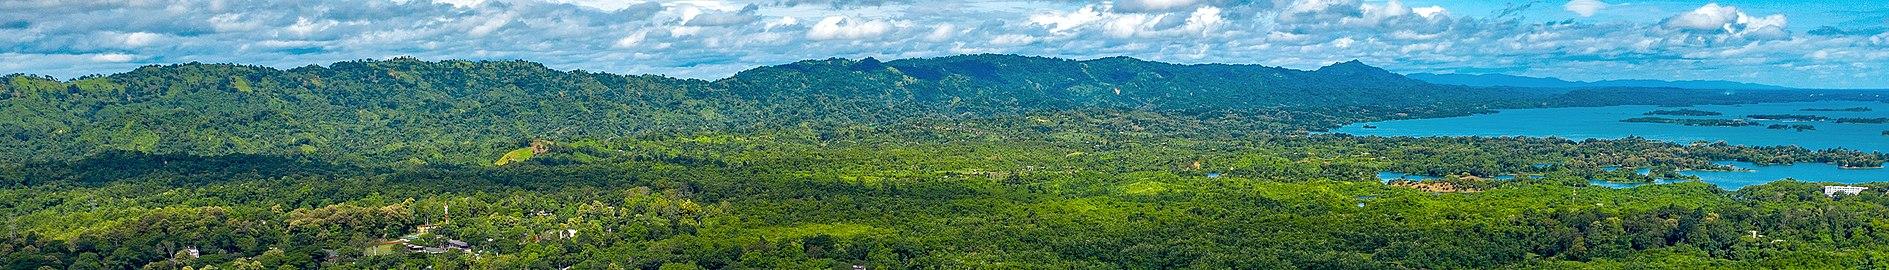 Kaptai national Park (cropped).jpg